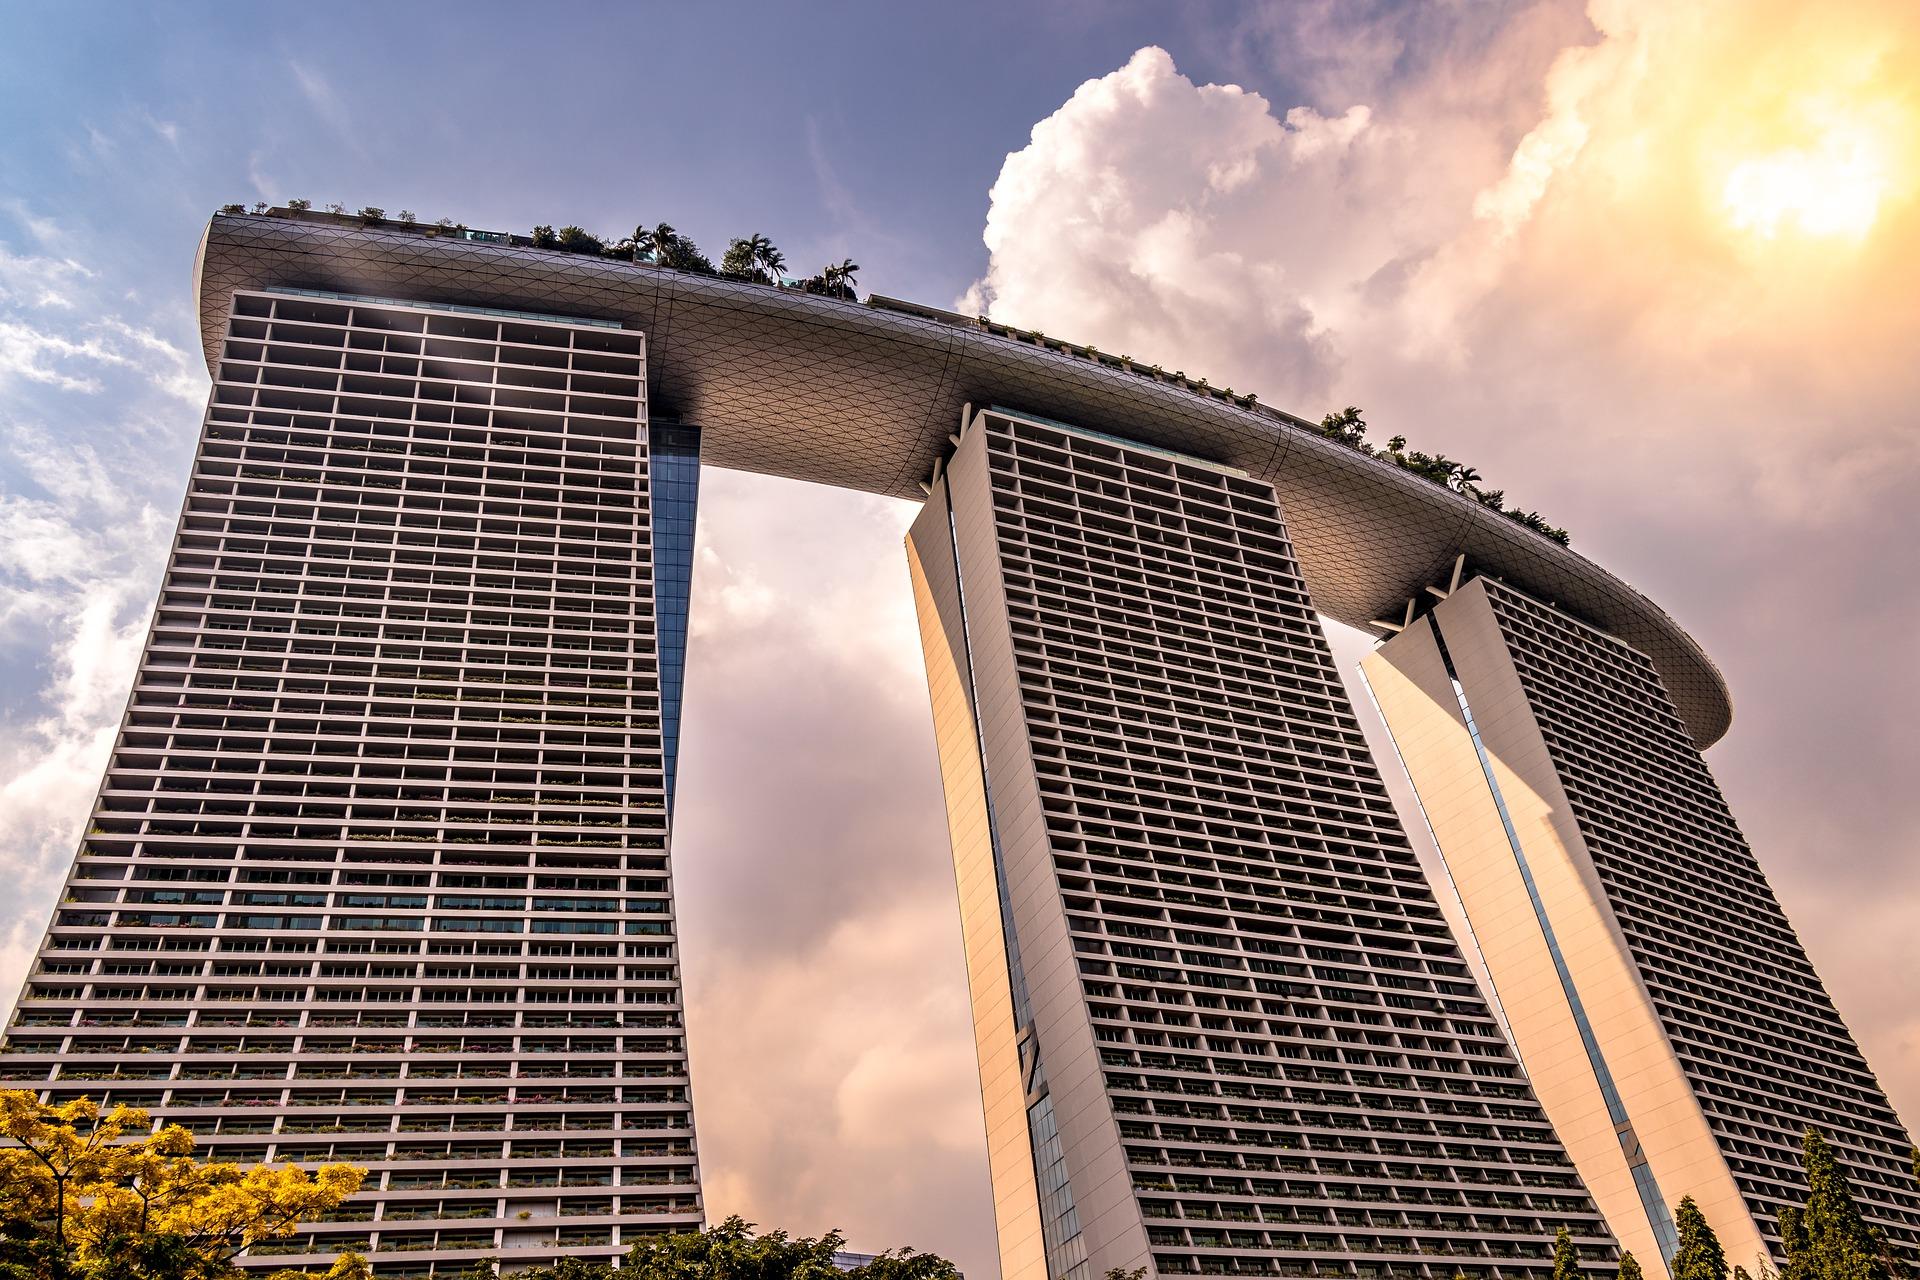 Les 10 bâtiments les plus chers & Immobilier dans le monde: La construction coûte jusqu'à 15 milliards de dollars!